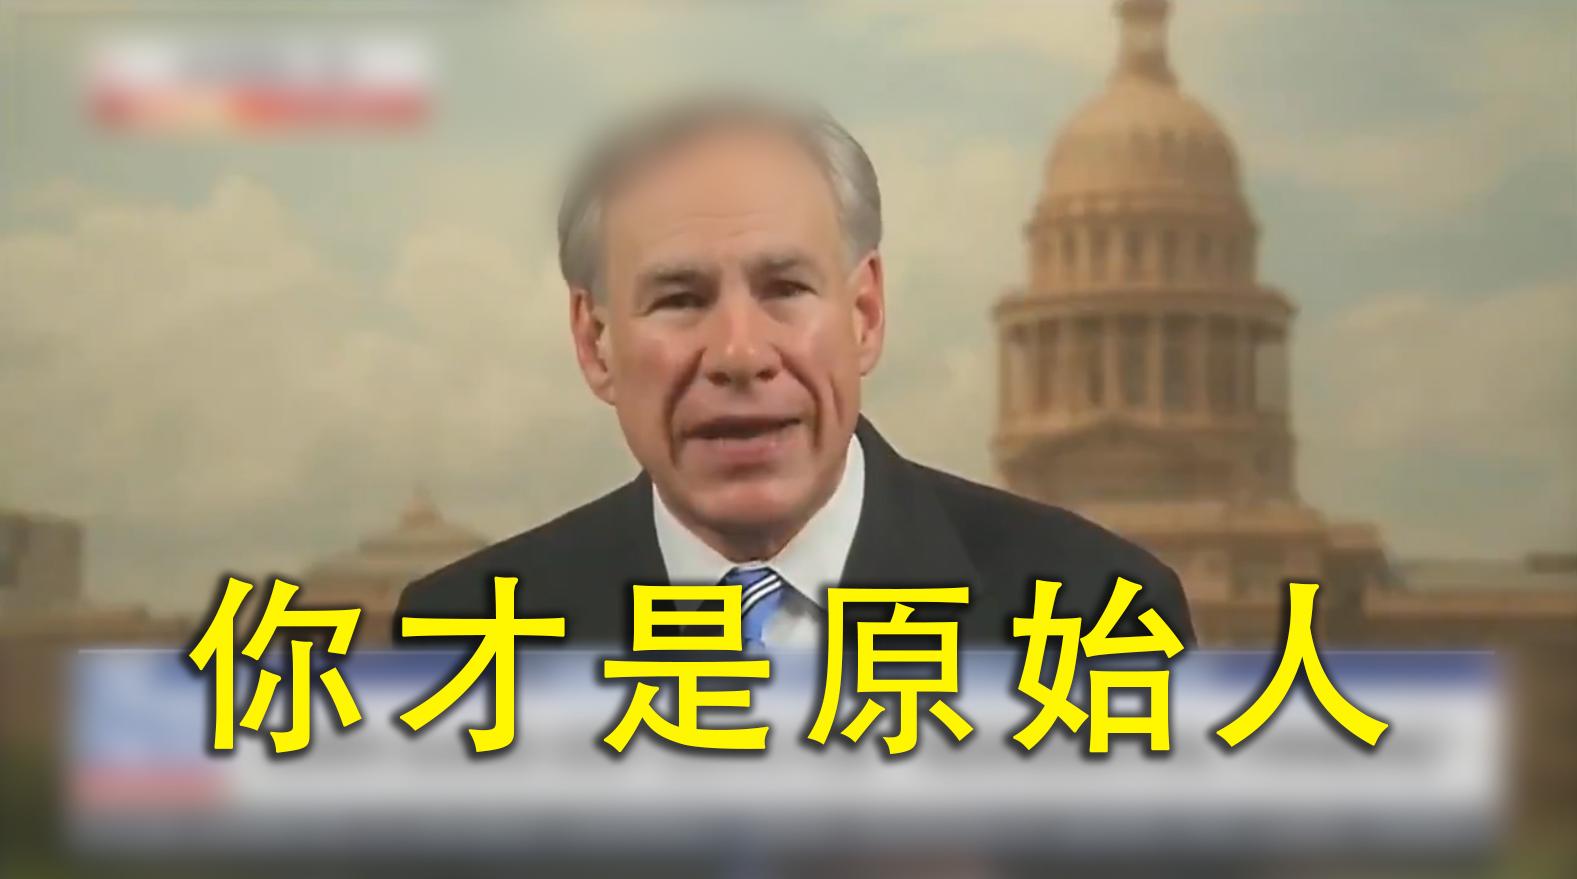 得州州长反击拜登:你才是原始人